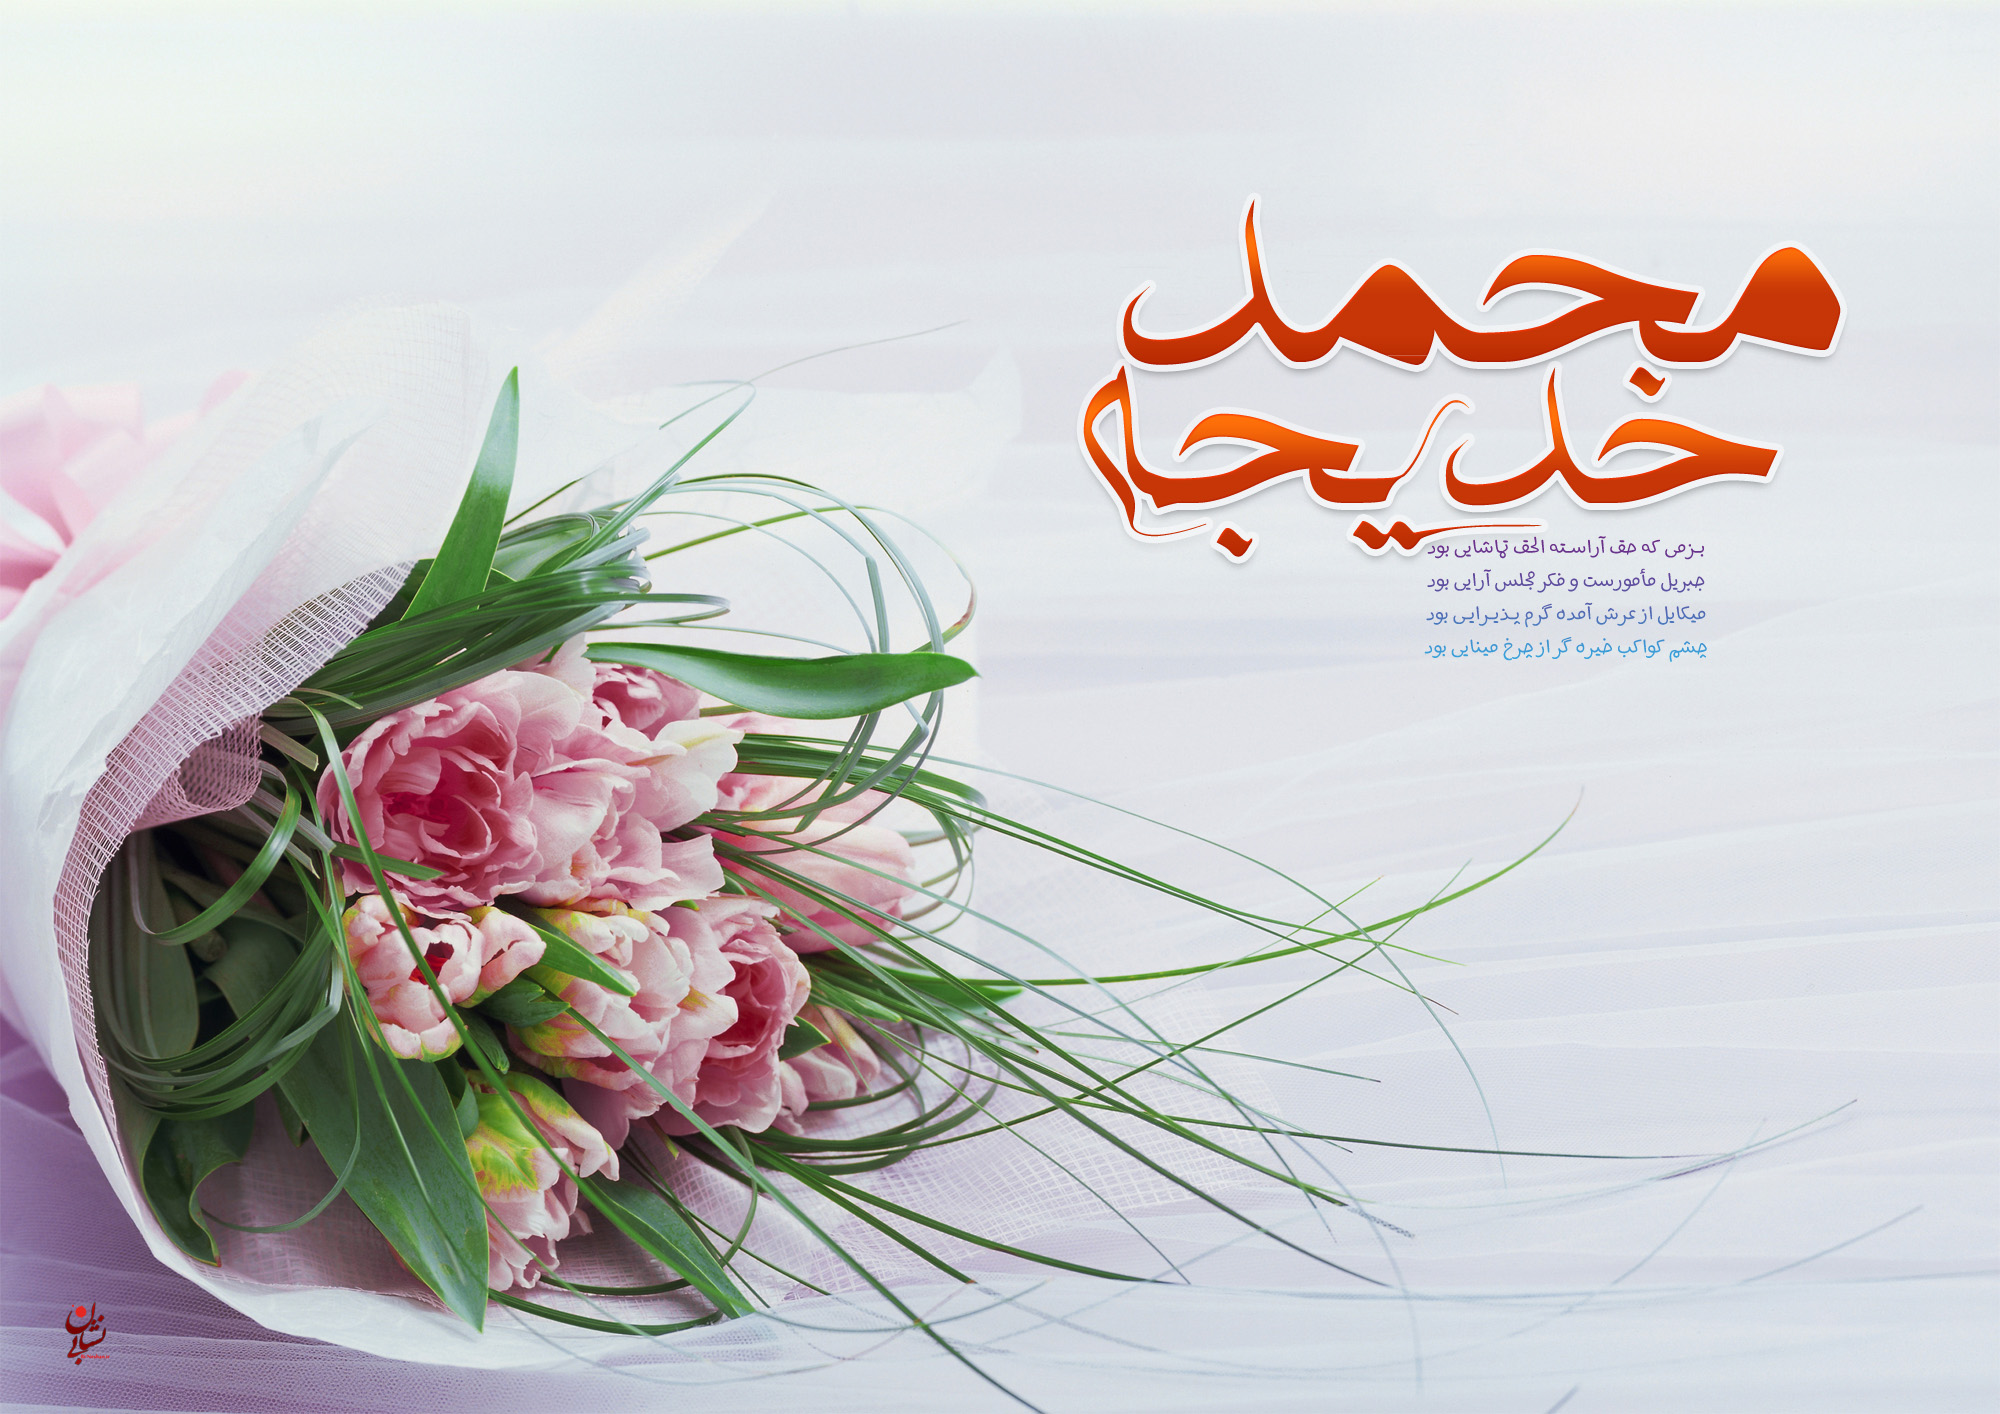 ازدواج حضرت خدیجه (س) با حضرت محمد (ص)